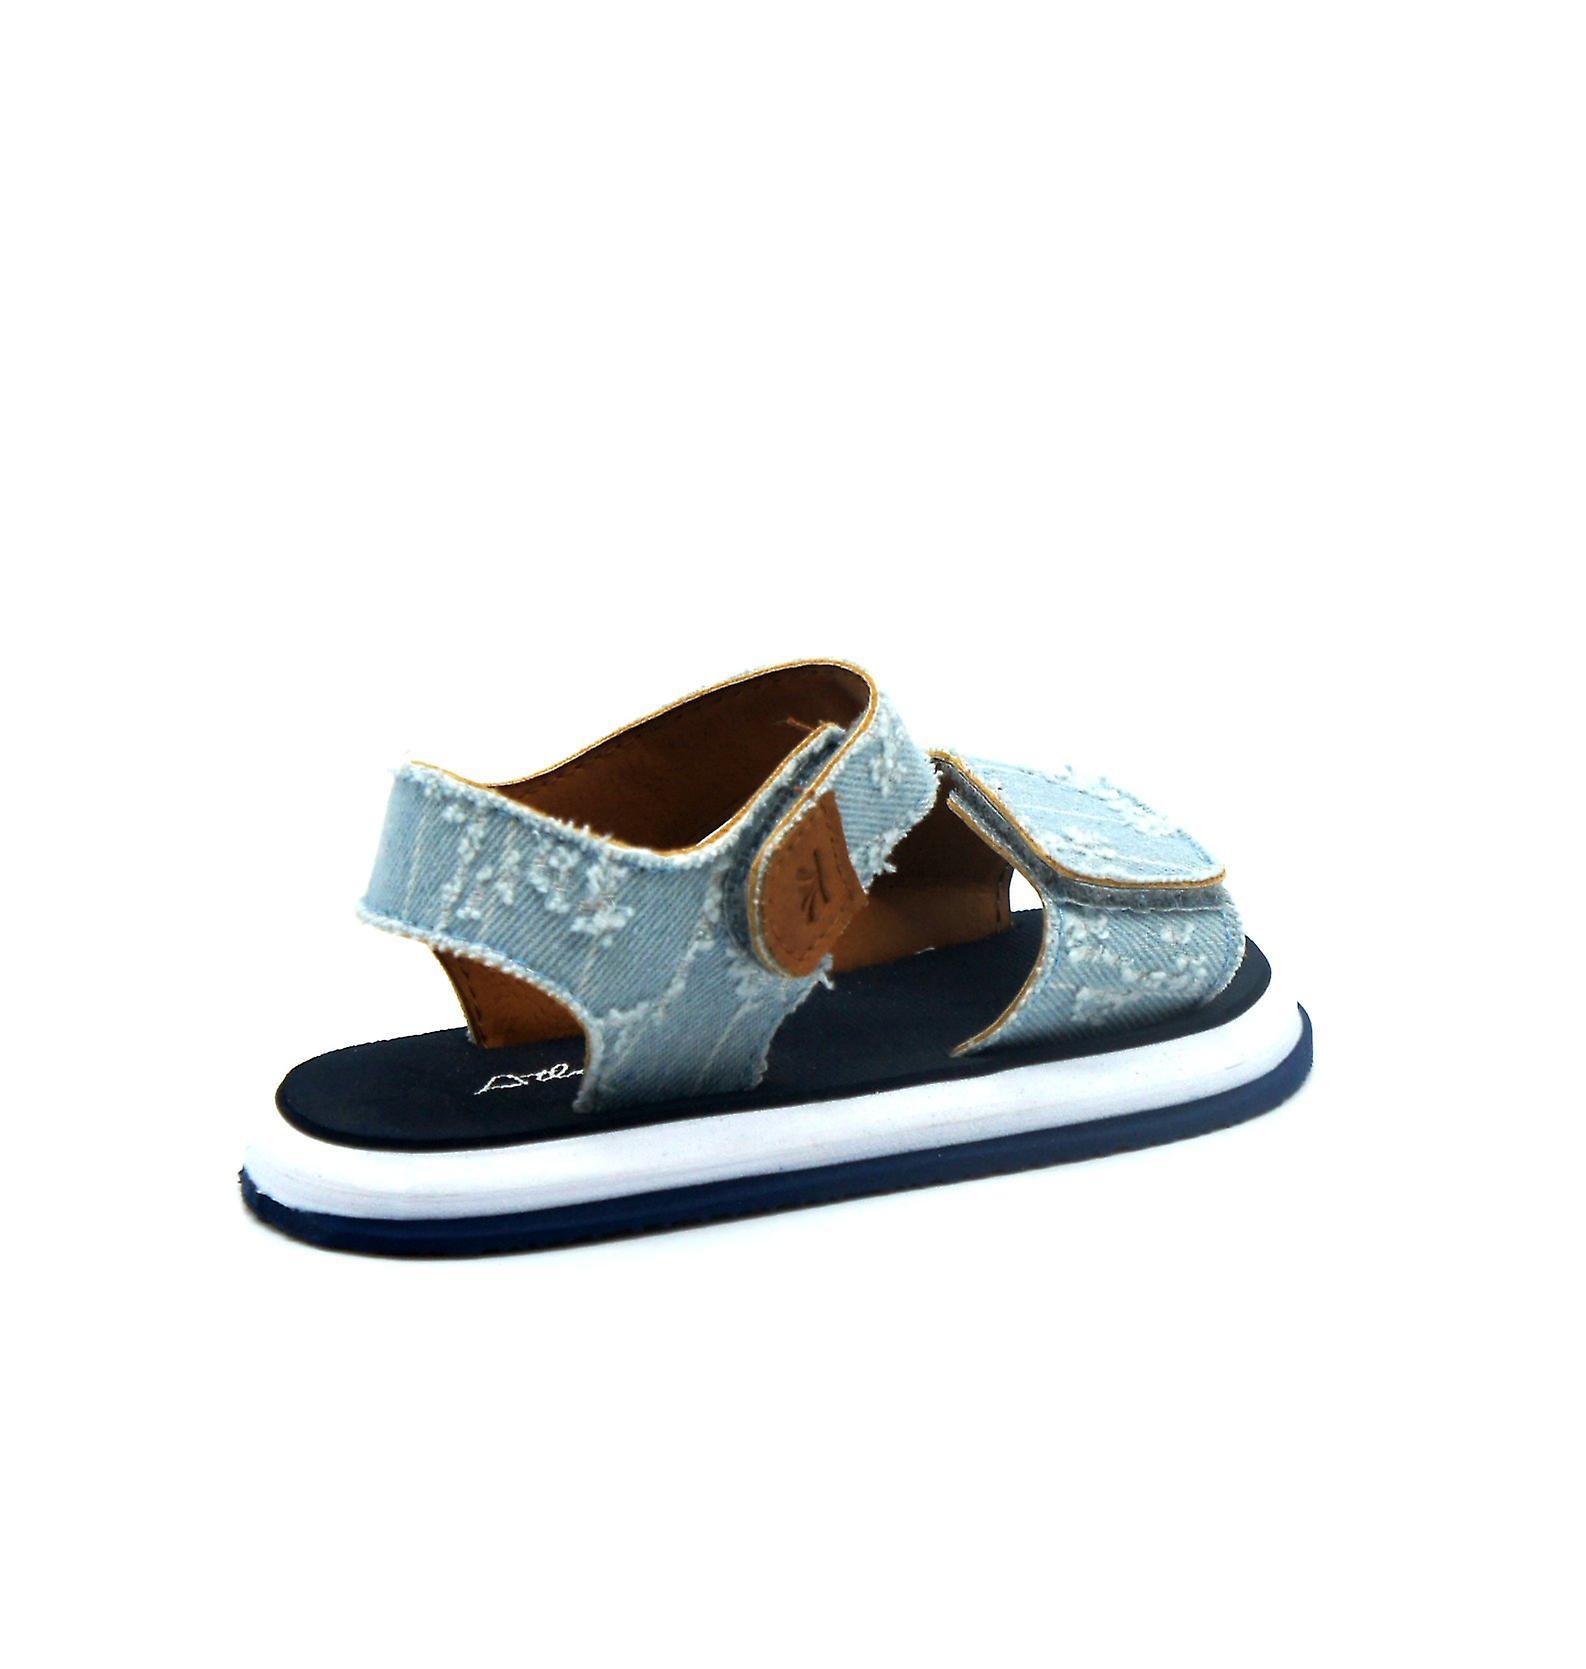 Cowboy blue sandals